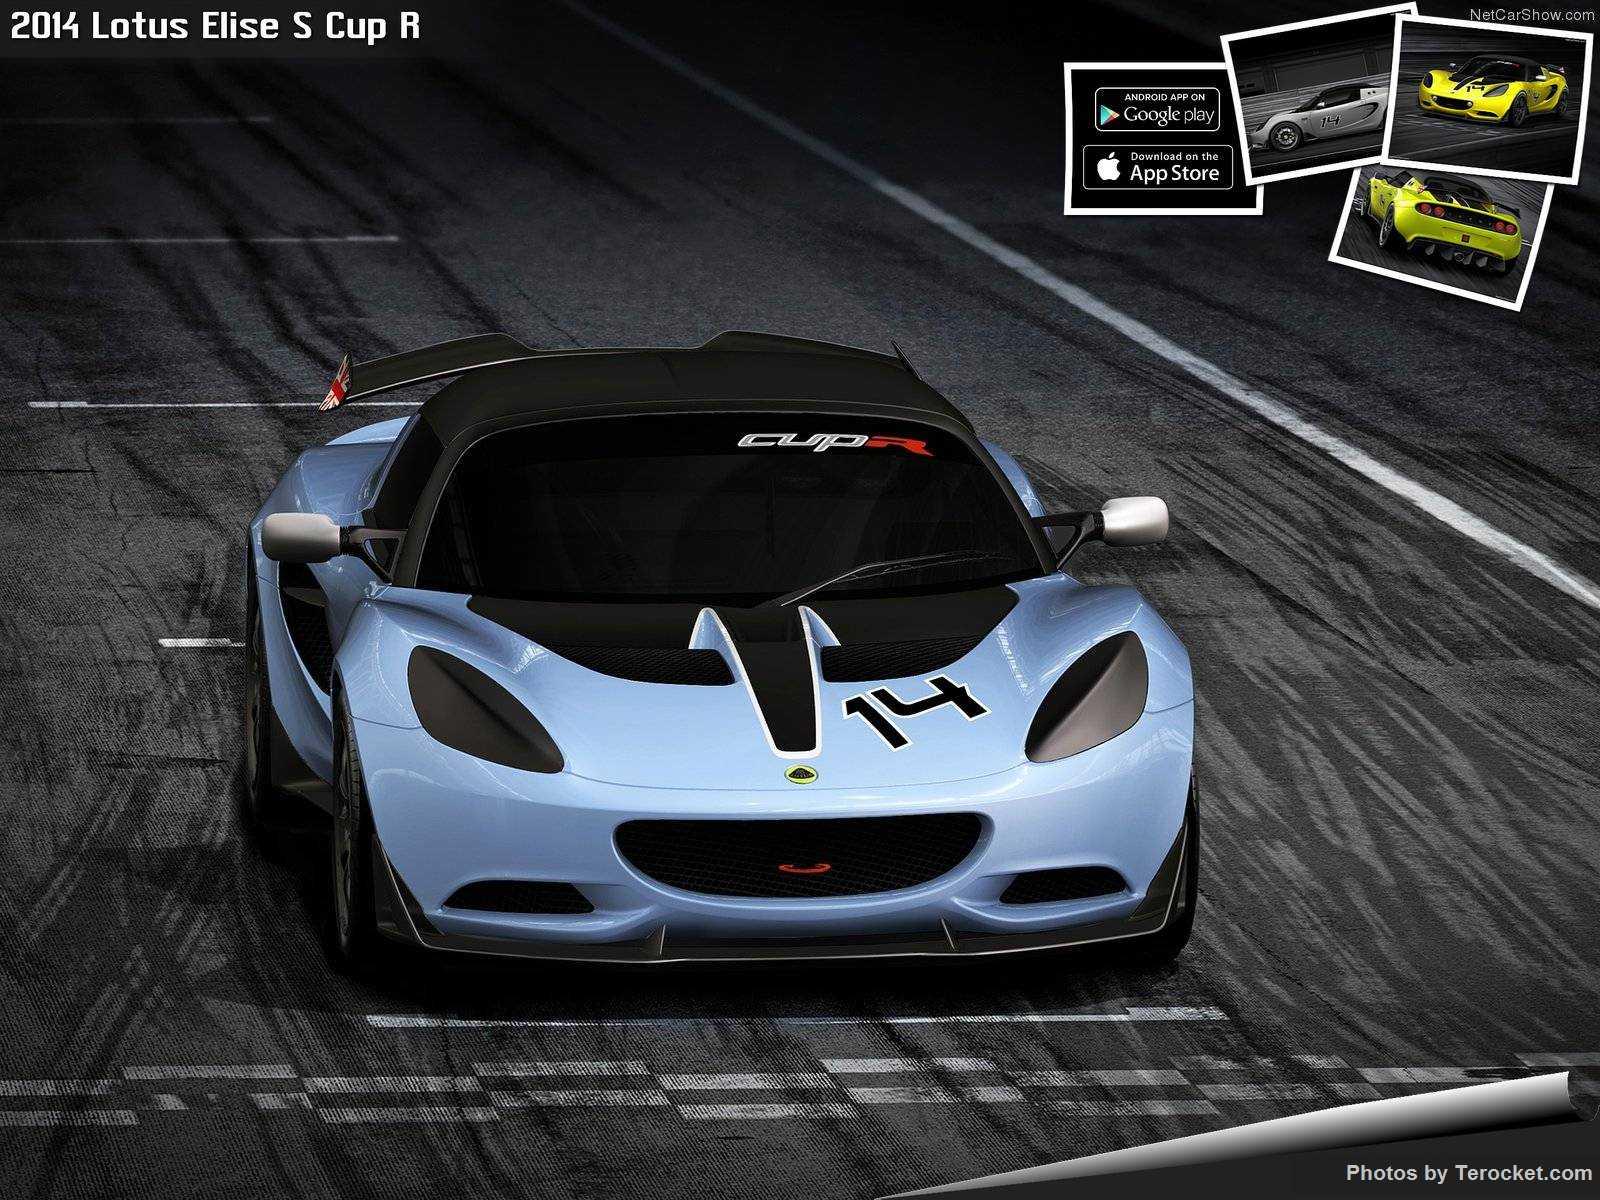 Hình ảnh siêu xe Lotus Elise S Cup R 2014 & nội ngoại thất